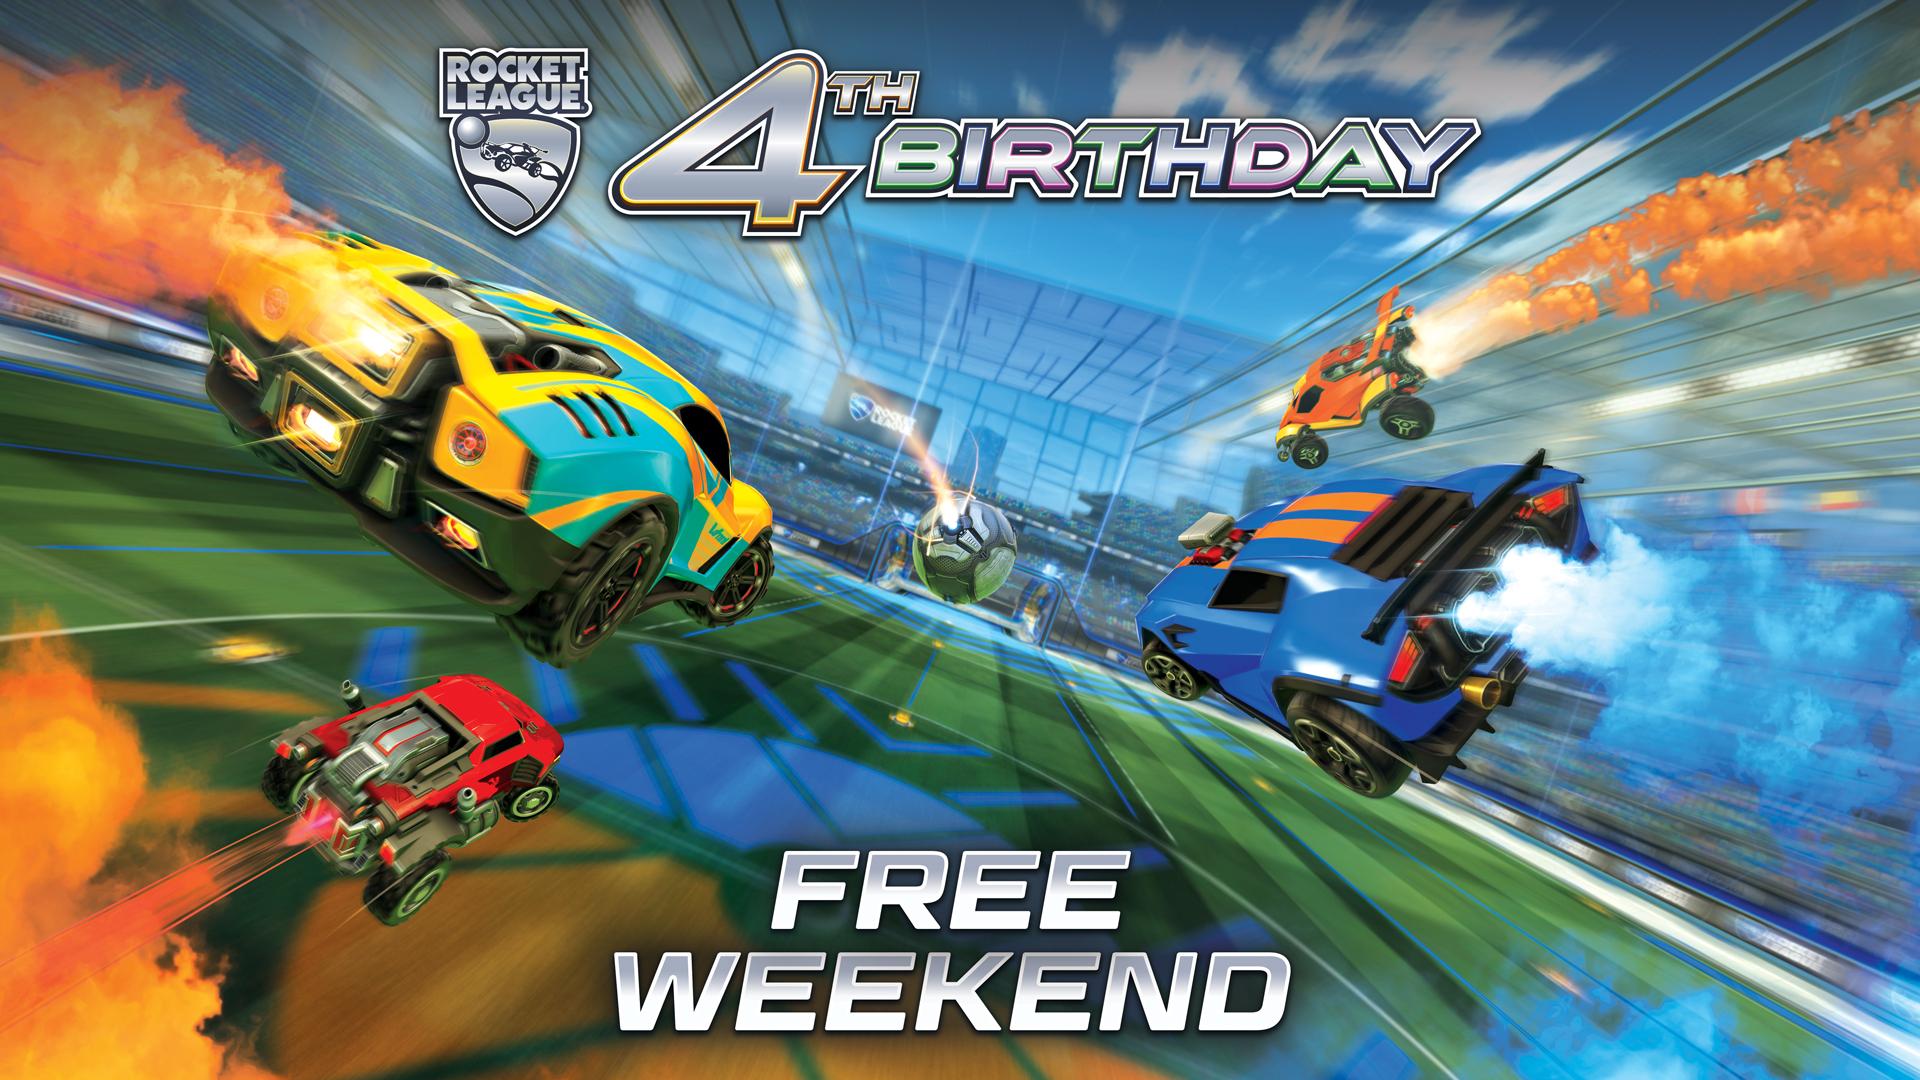 Rocket League FREE weekend